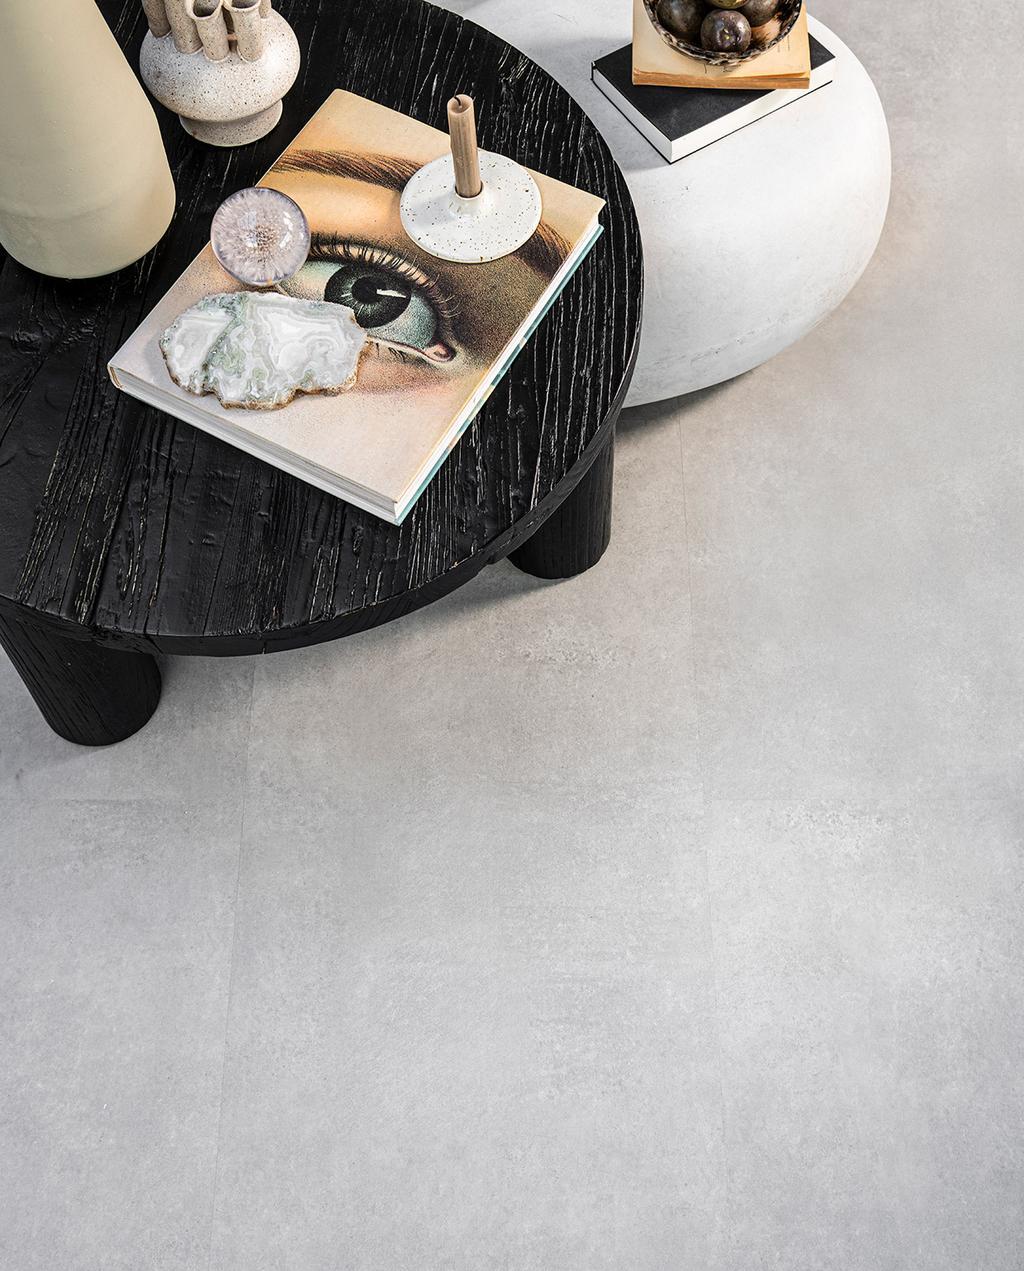 vtwonen 06-2021 | pvc vloer grijs met een zwarte tafel